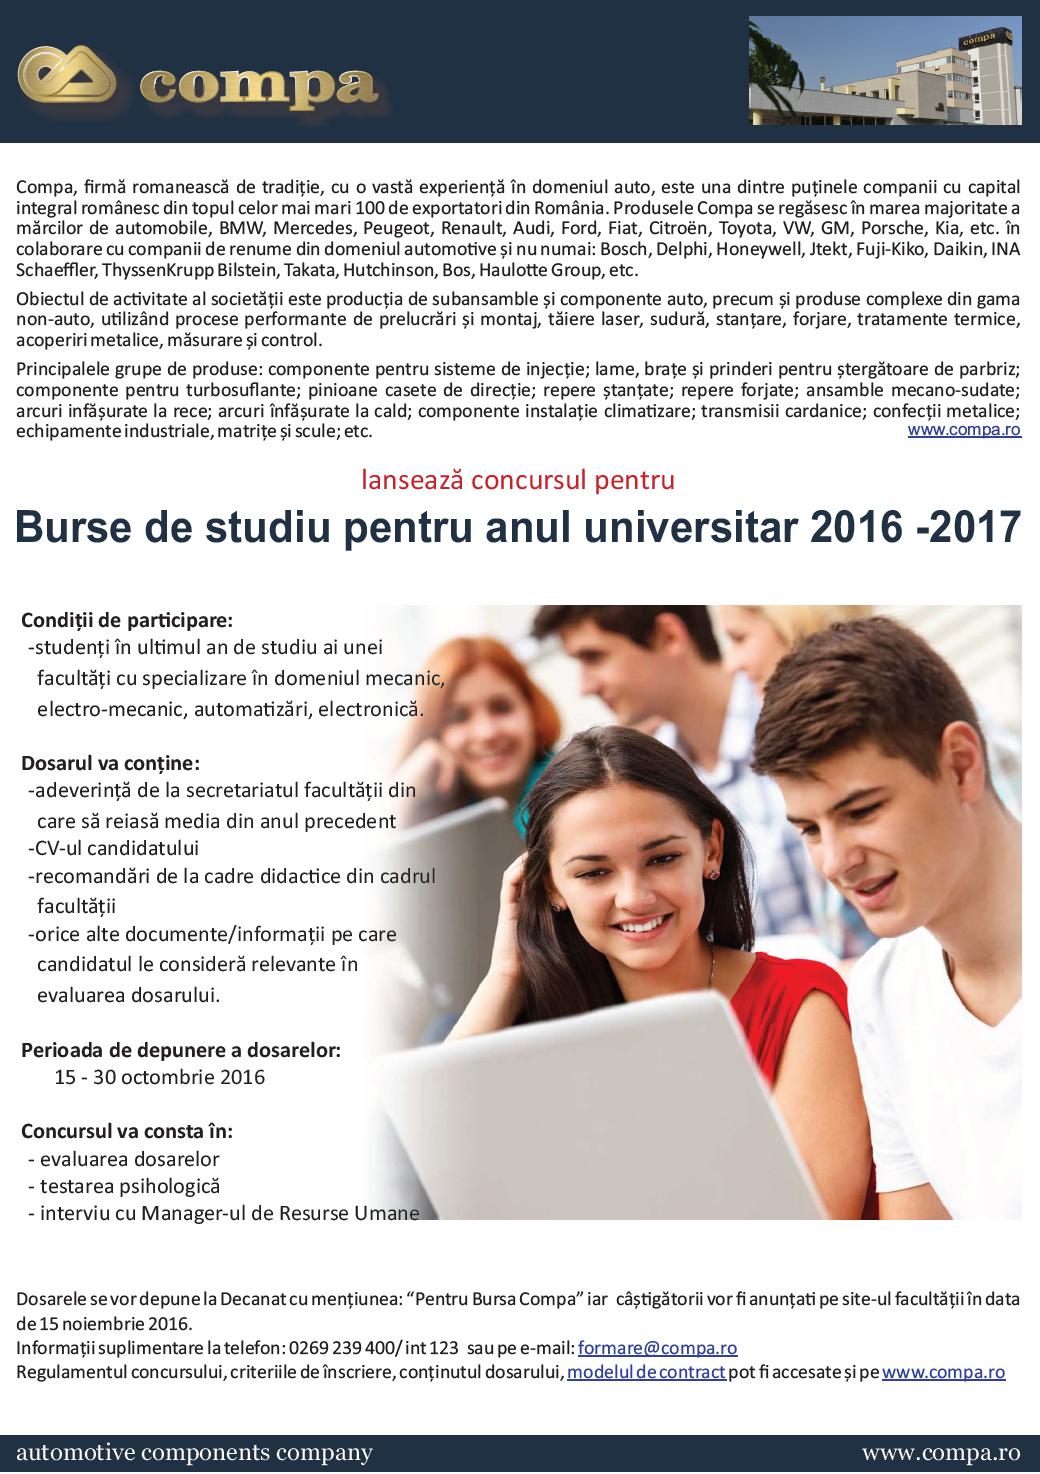 Burse De Studiu Compa Pentru Anul Universitar 2016 – 2017